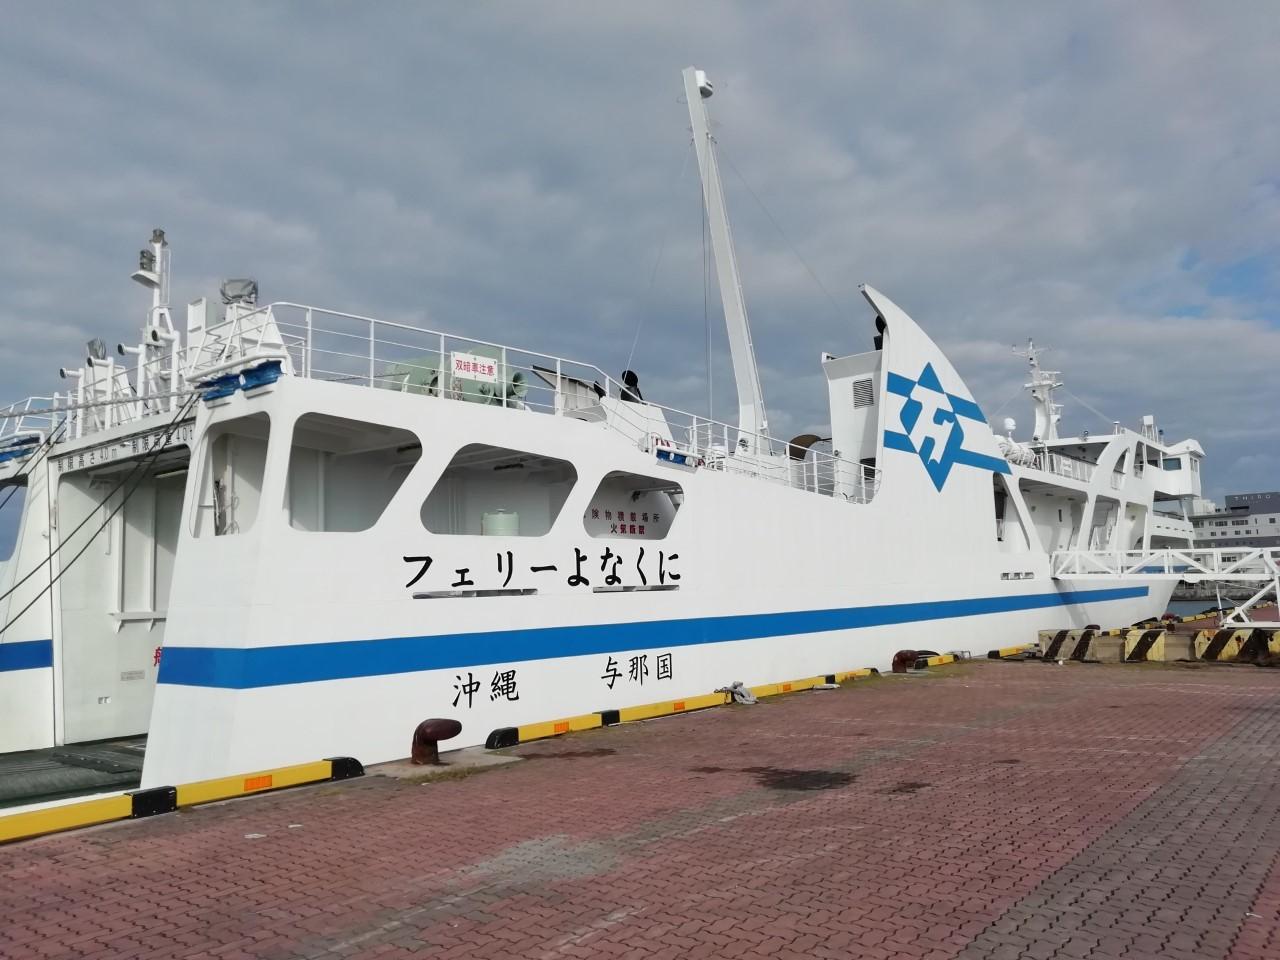 """2月20日 """"フェリーよなくに"""" 初めての乗船 _b0158746_16282966.jpg"""